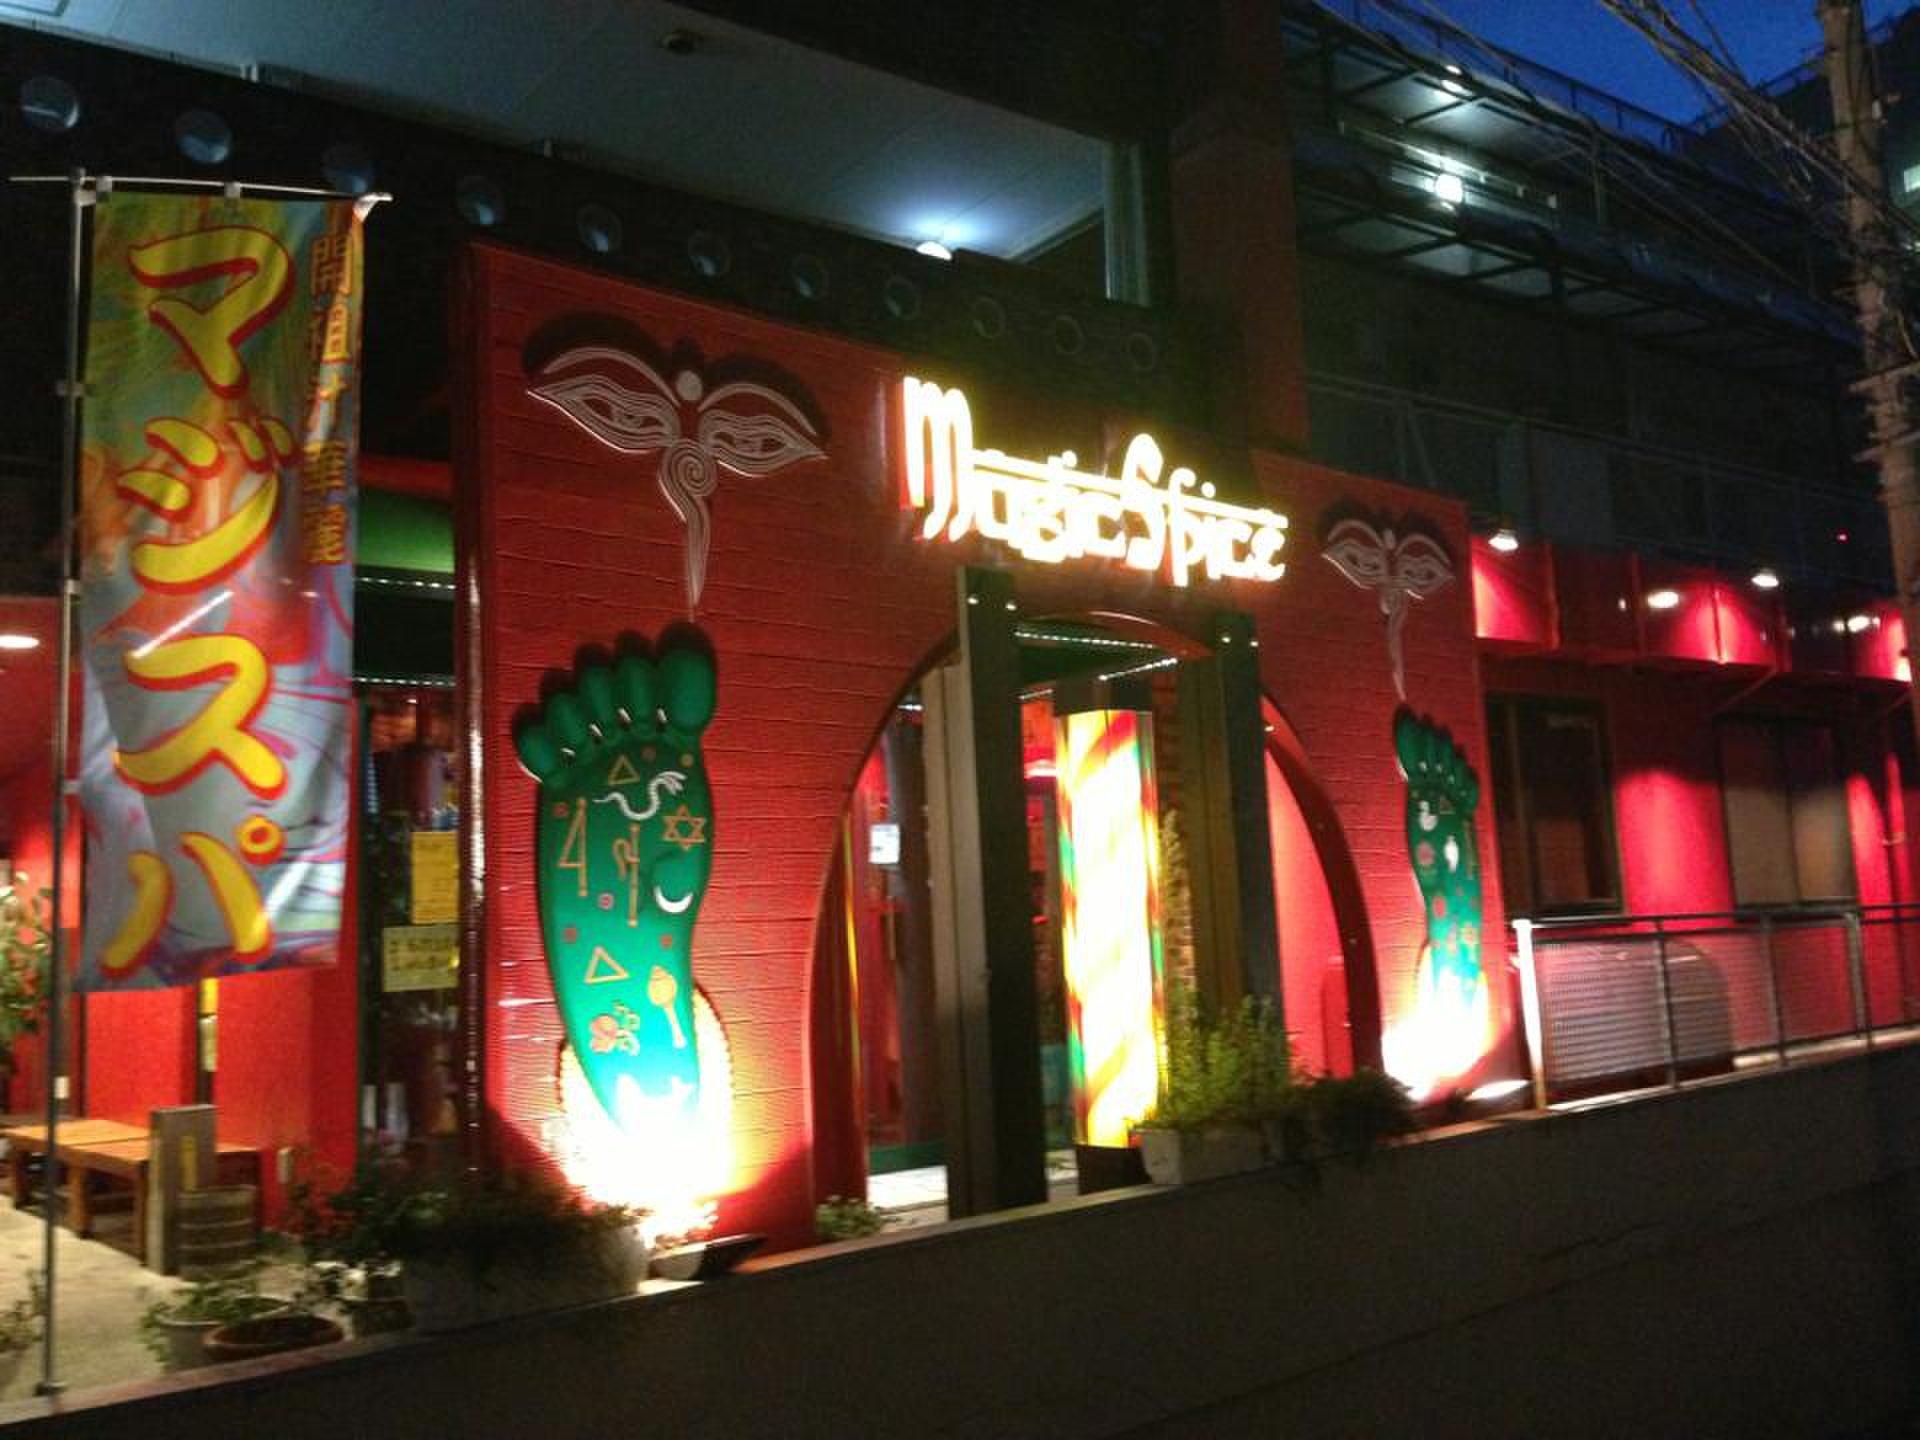 【元祖スープカレーのお店】あの有名な俳優も通う、下北沢で一番美味しい カレー屋「マジックスパイス」